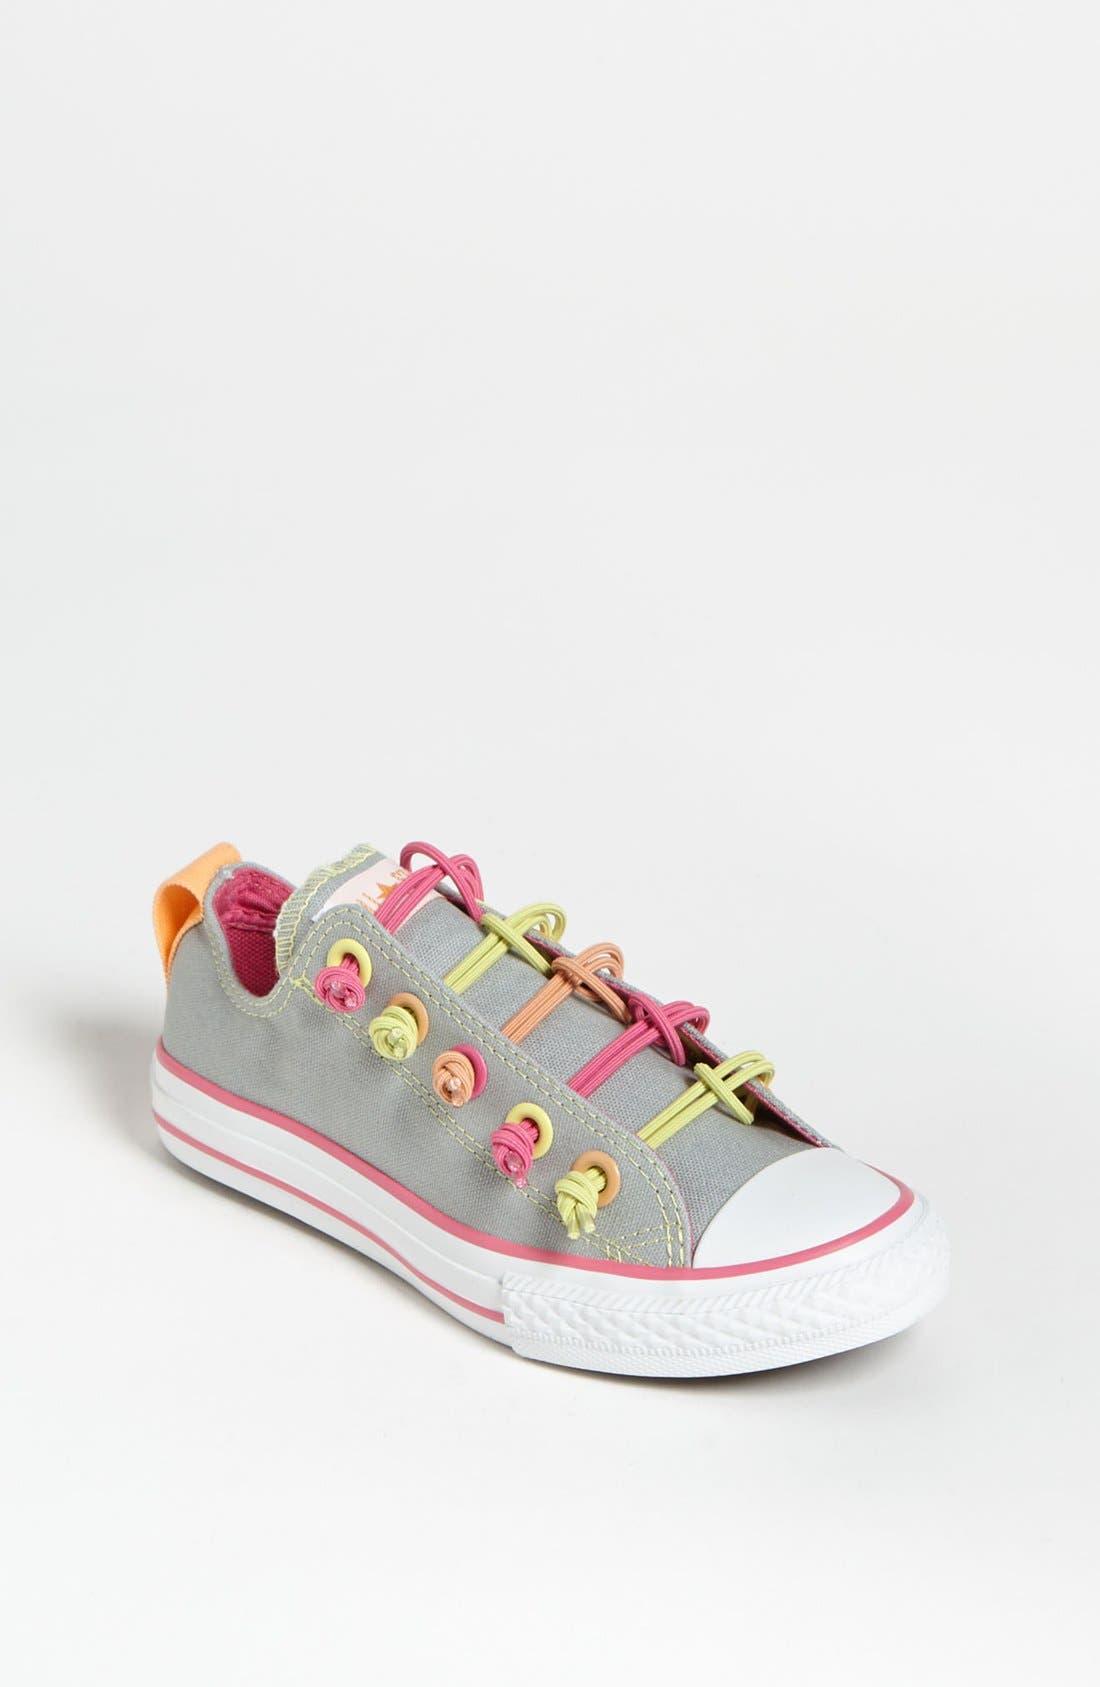 Alternate Image 1 Selected - Converse All Star® 'Loop 2 Knot' Sneaker (Toddler, Little Kid & Big Kid)